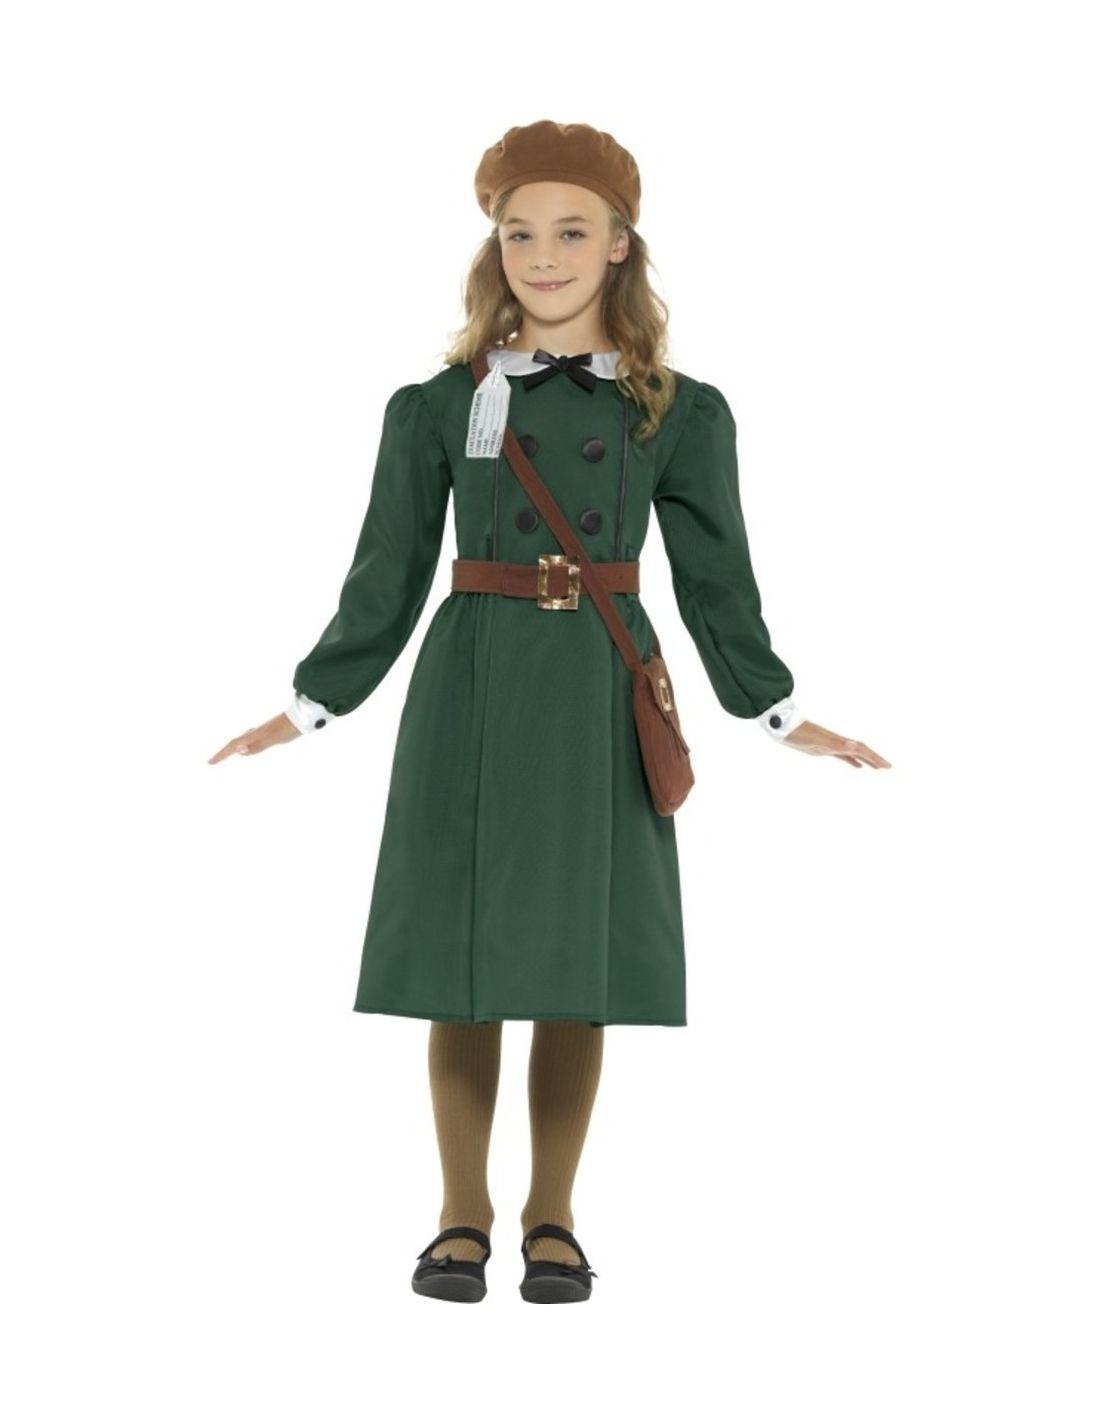 4330c5051 Disfraz Años 40 para niña - Disfraces infantiles años 40